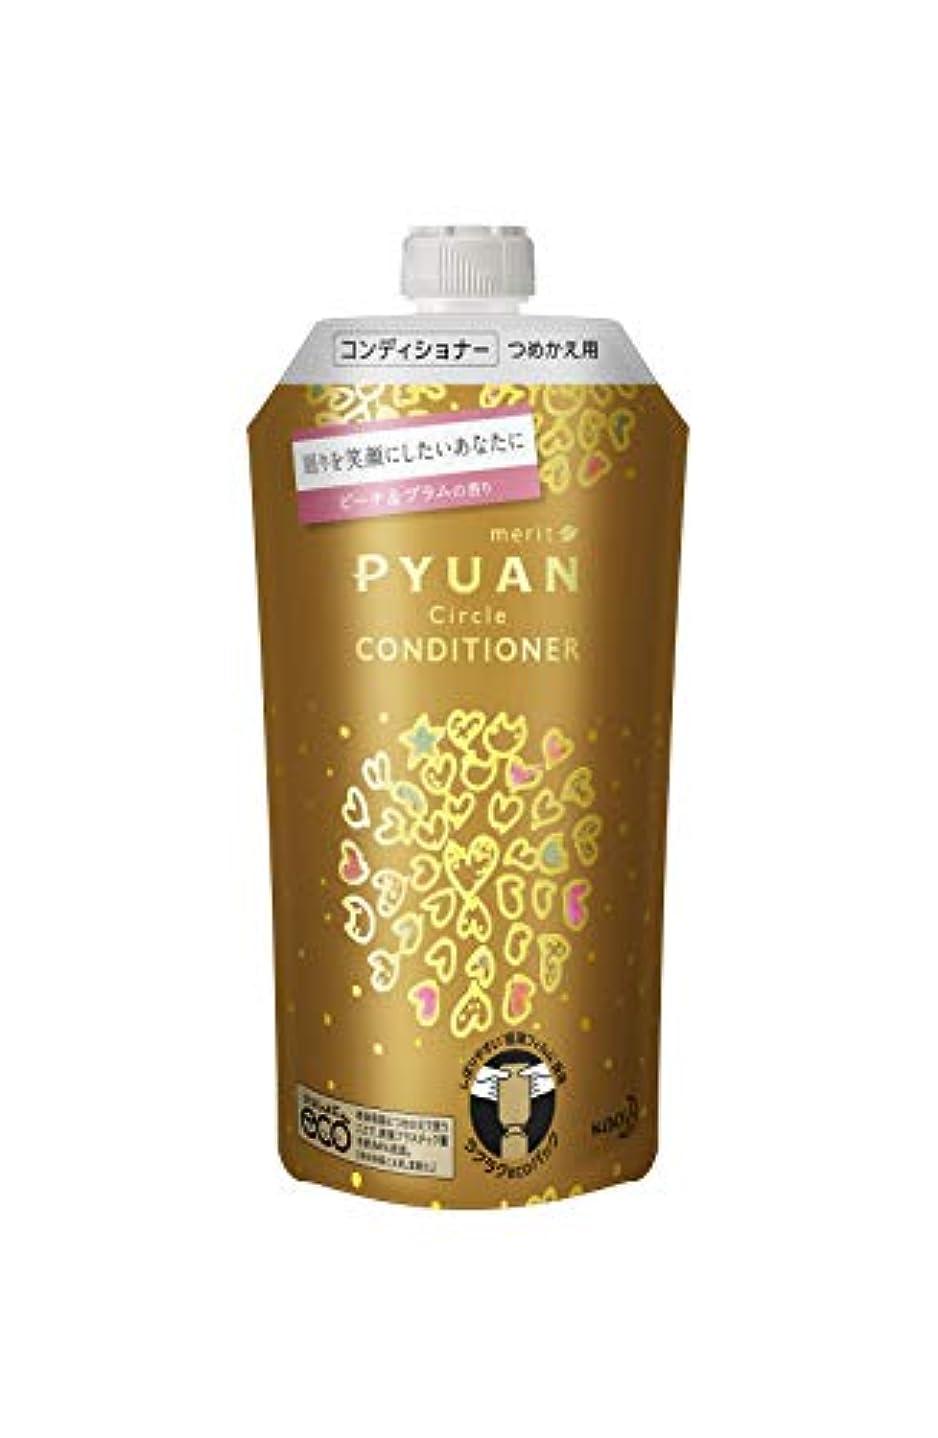 正当な制限するいたずらPYUAN(ピュアン) メリットピュアン サークル (Circle) ピーチ&プラムの香り コンディショナー つめかえ用 340ml tsumori chisato コラボ